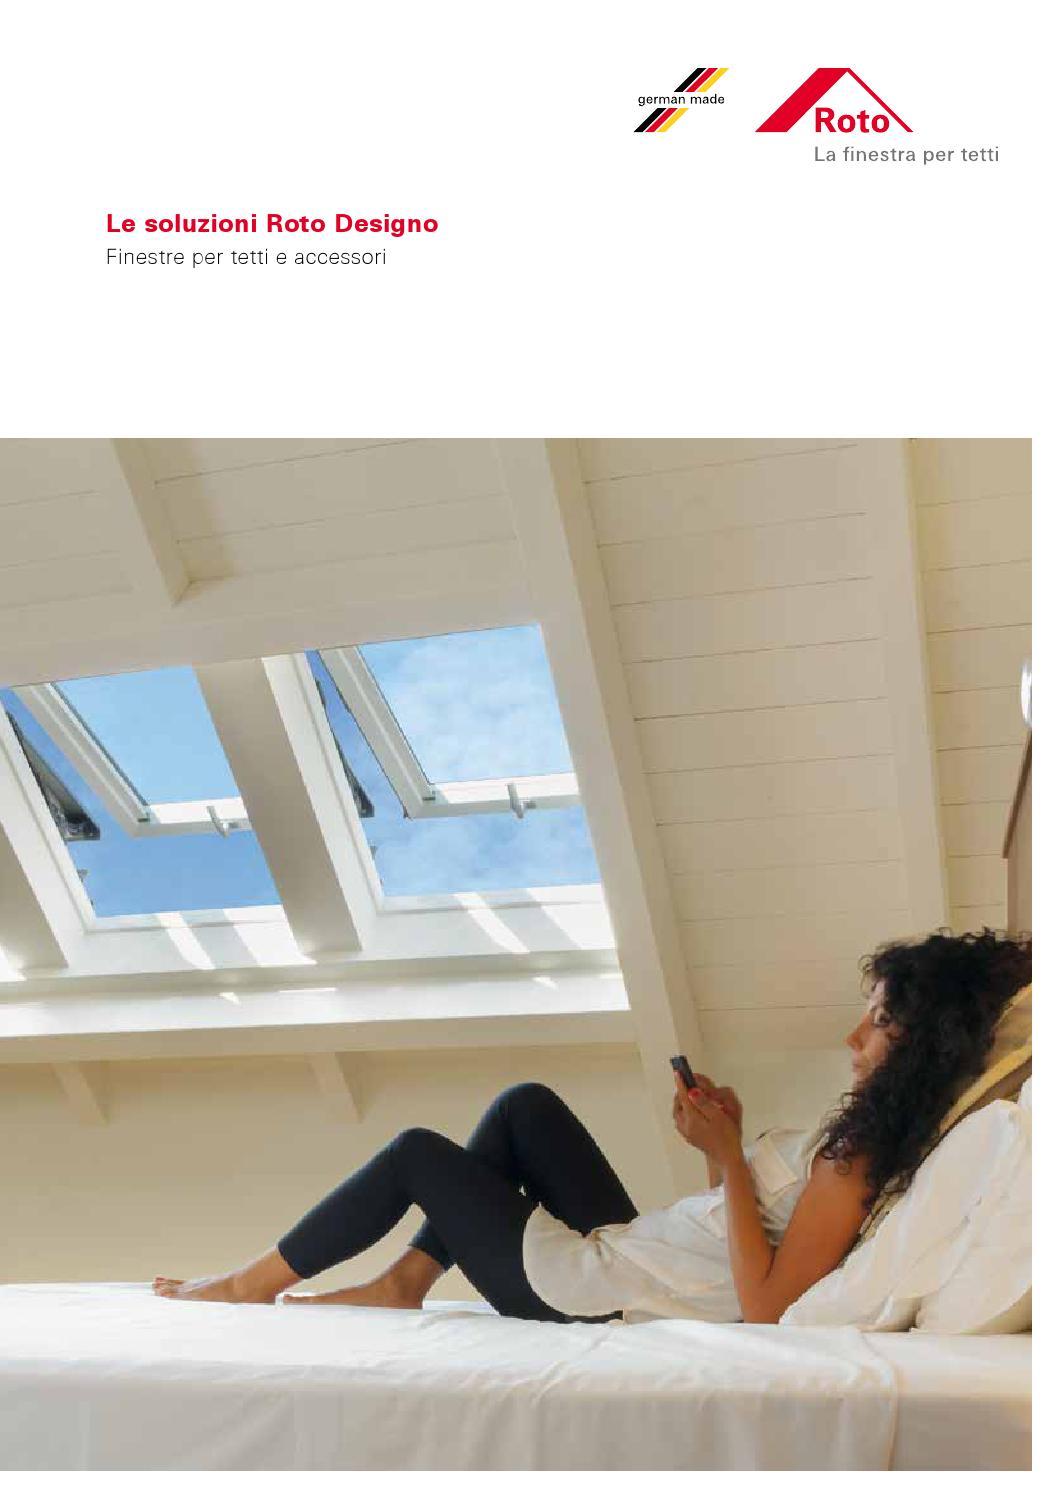 Catalogo roto finestre per tetti tipo velux by tecnicom for Tabella misure velux